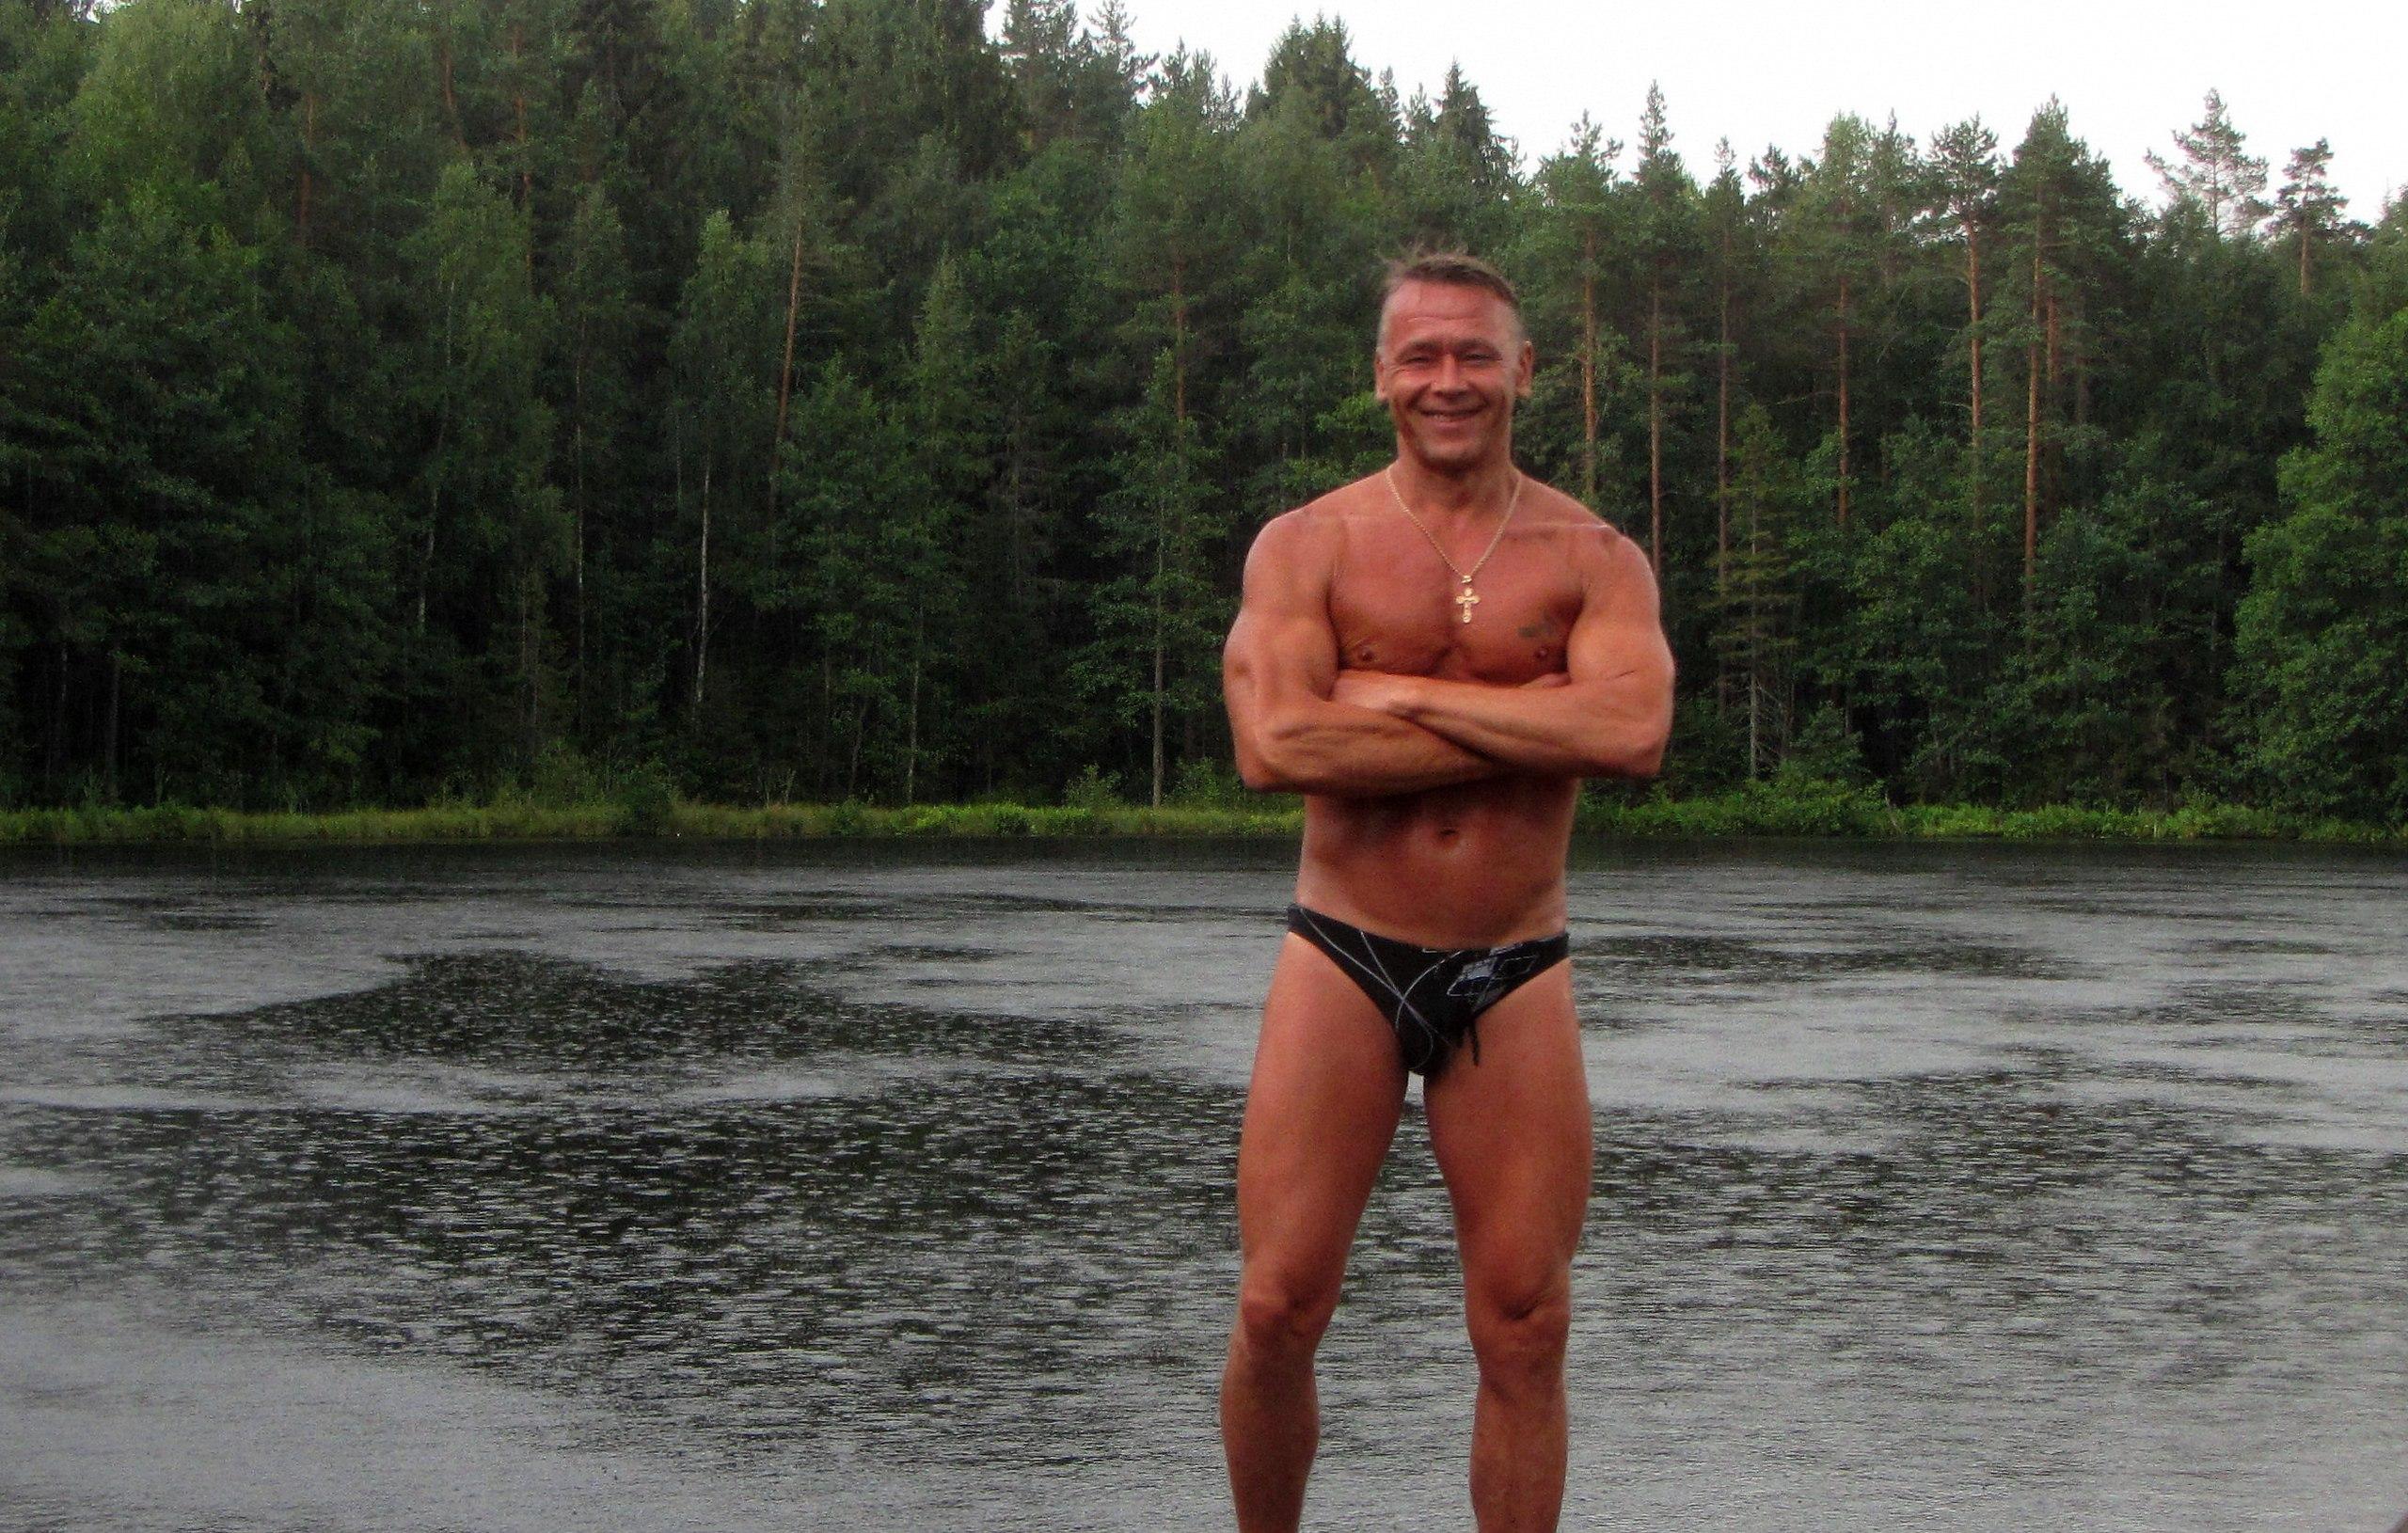 Фото накаченных парней (23 фото) - Андрей, 50 лет, Санкт-Петербург